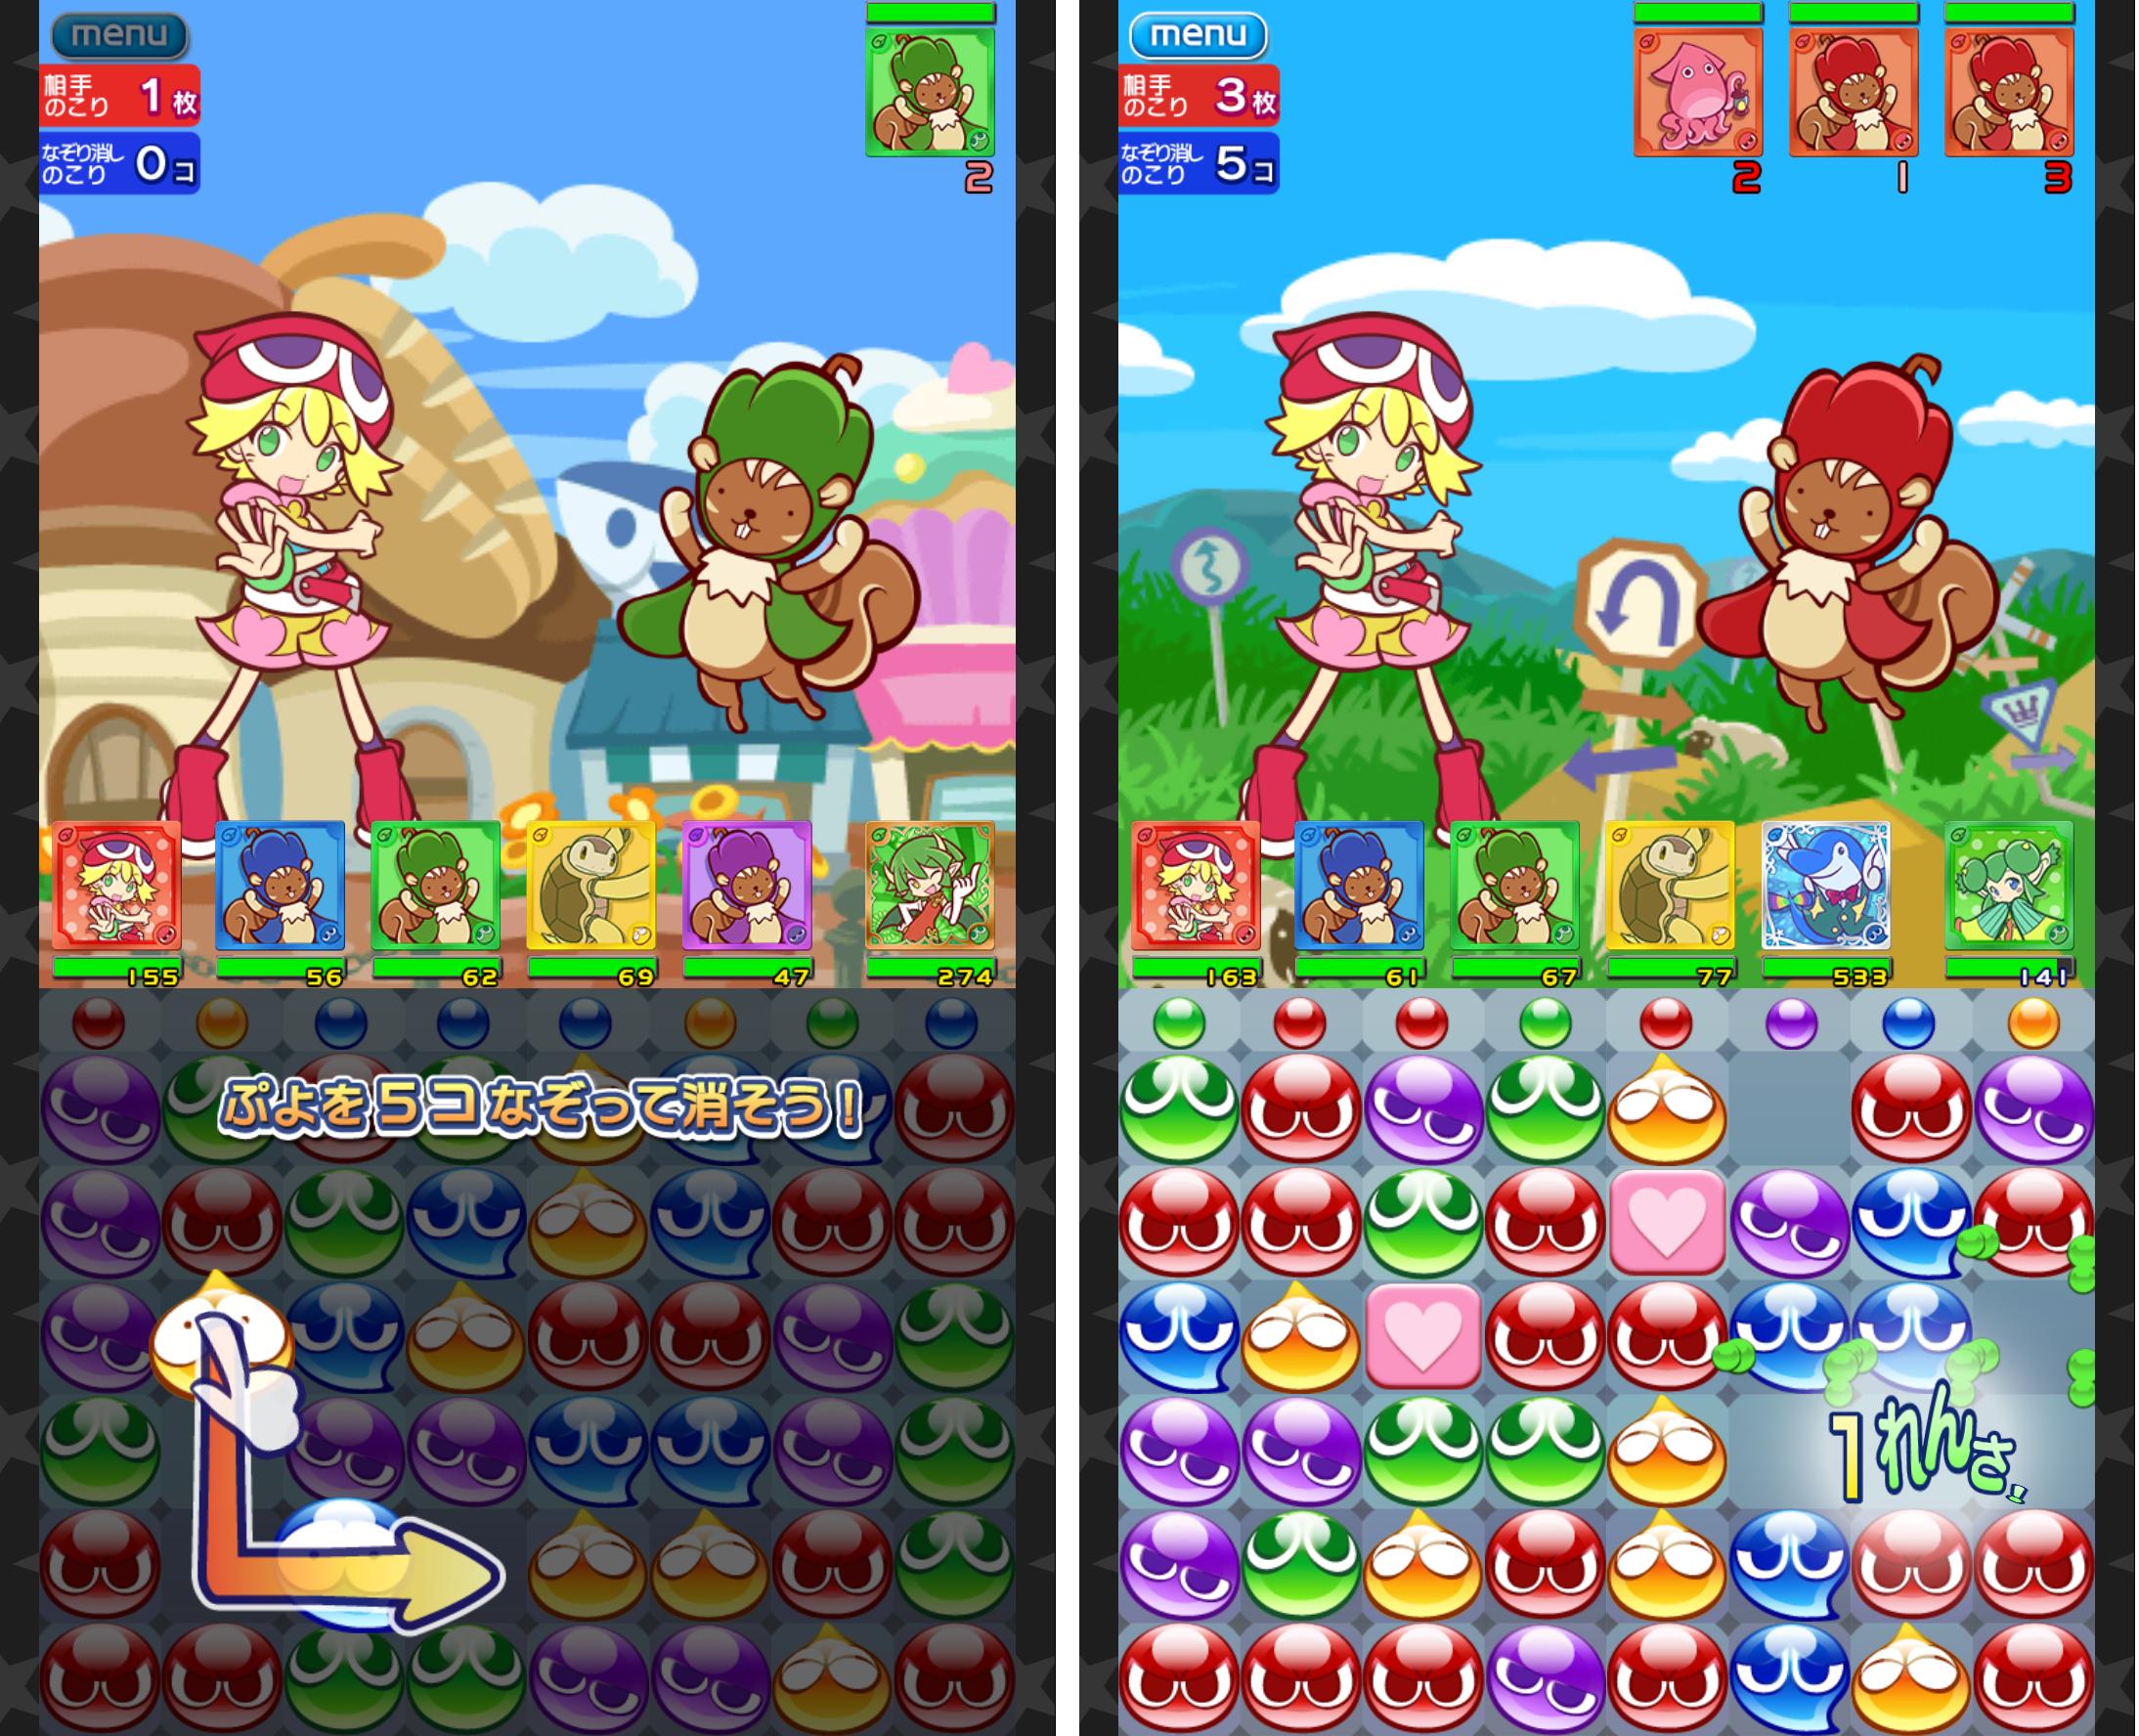 ぷよぷよ!!クエスト androidアプリスクリーンショット1